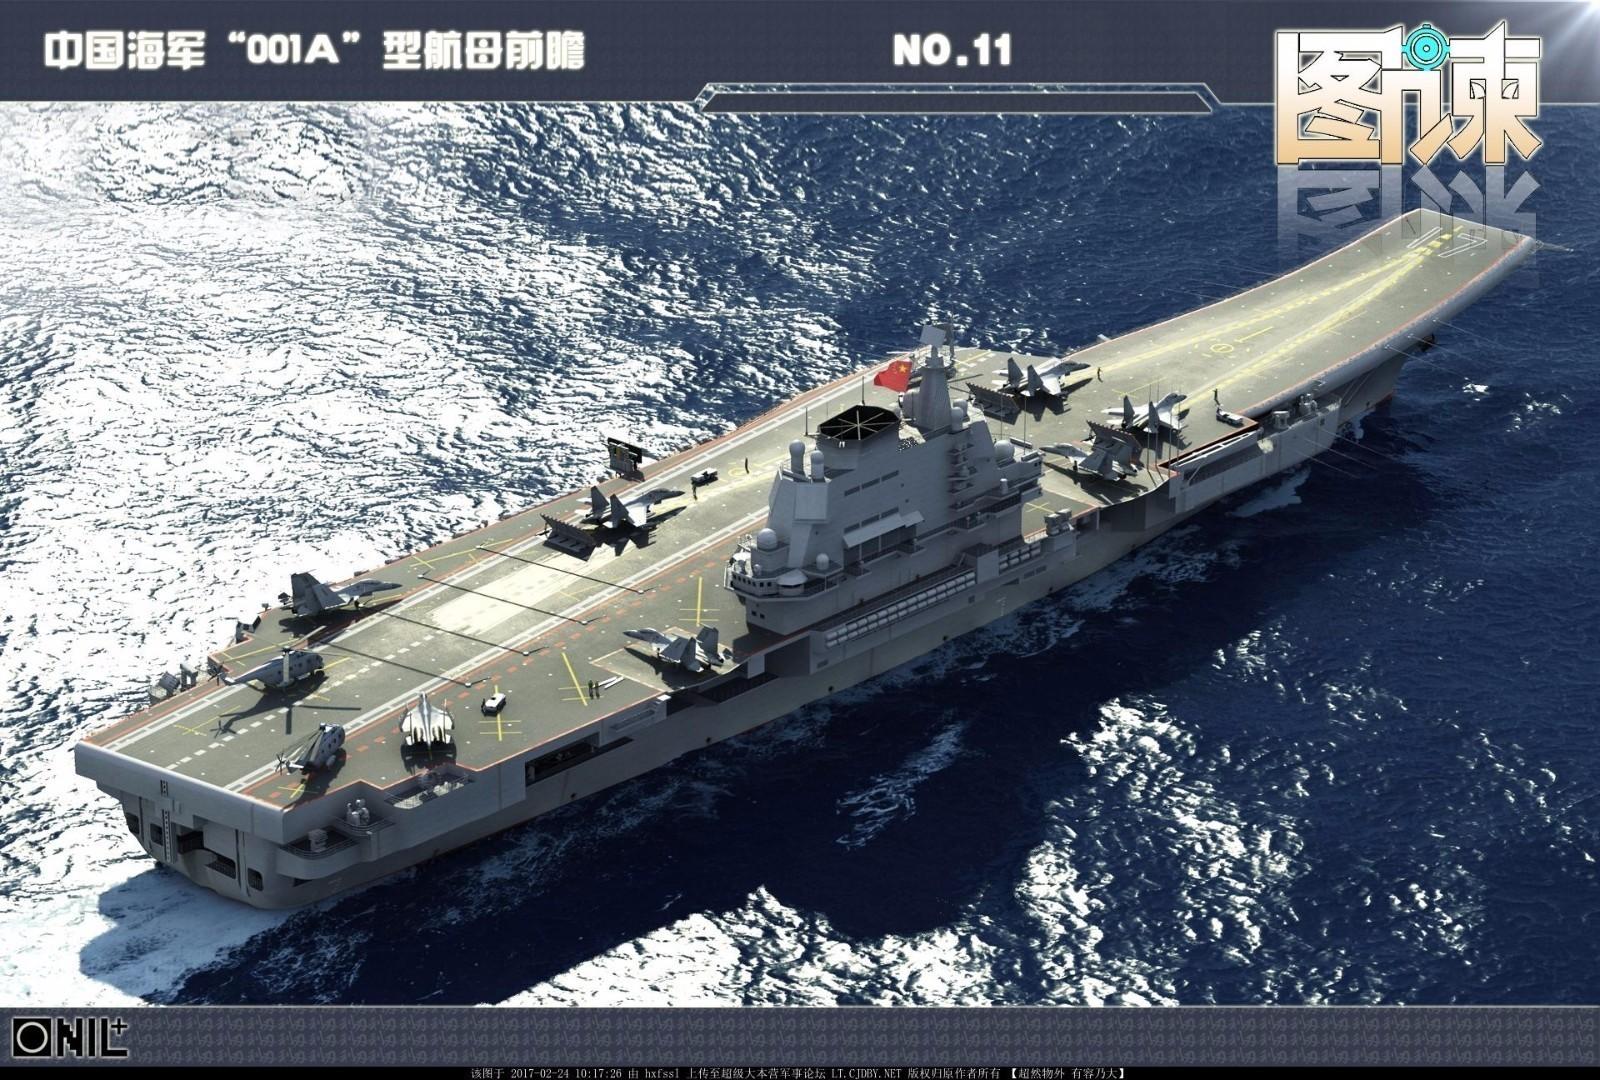 """国产航母""""山东""""号:360度无死角CG图 - 一统江山 - 一统江山的博客"""